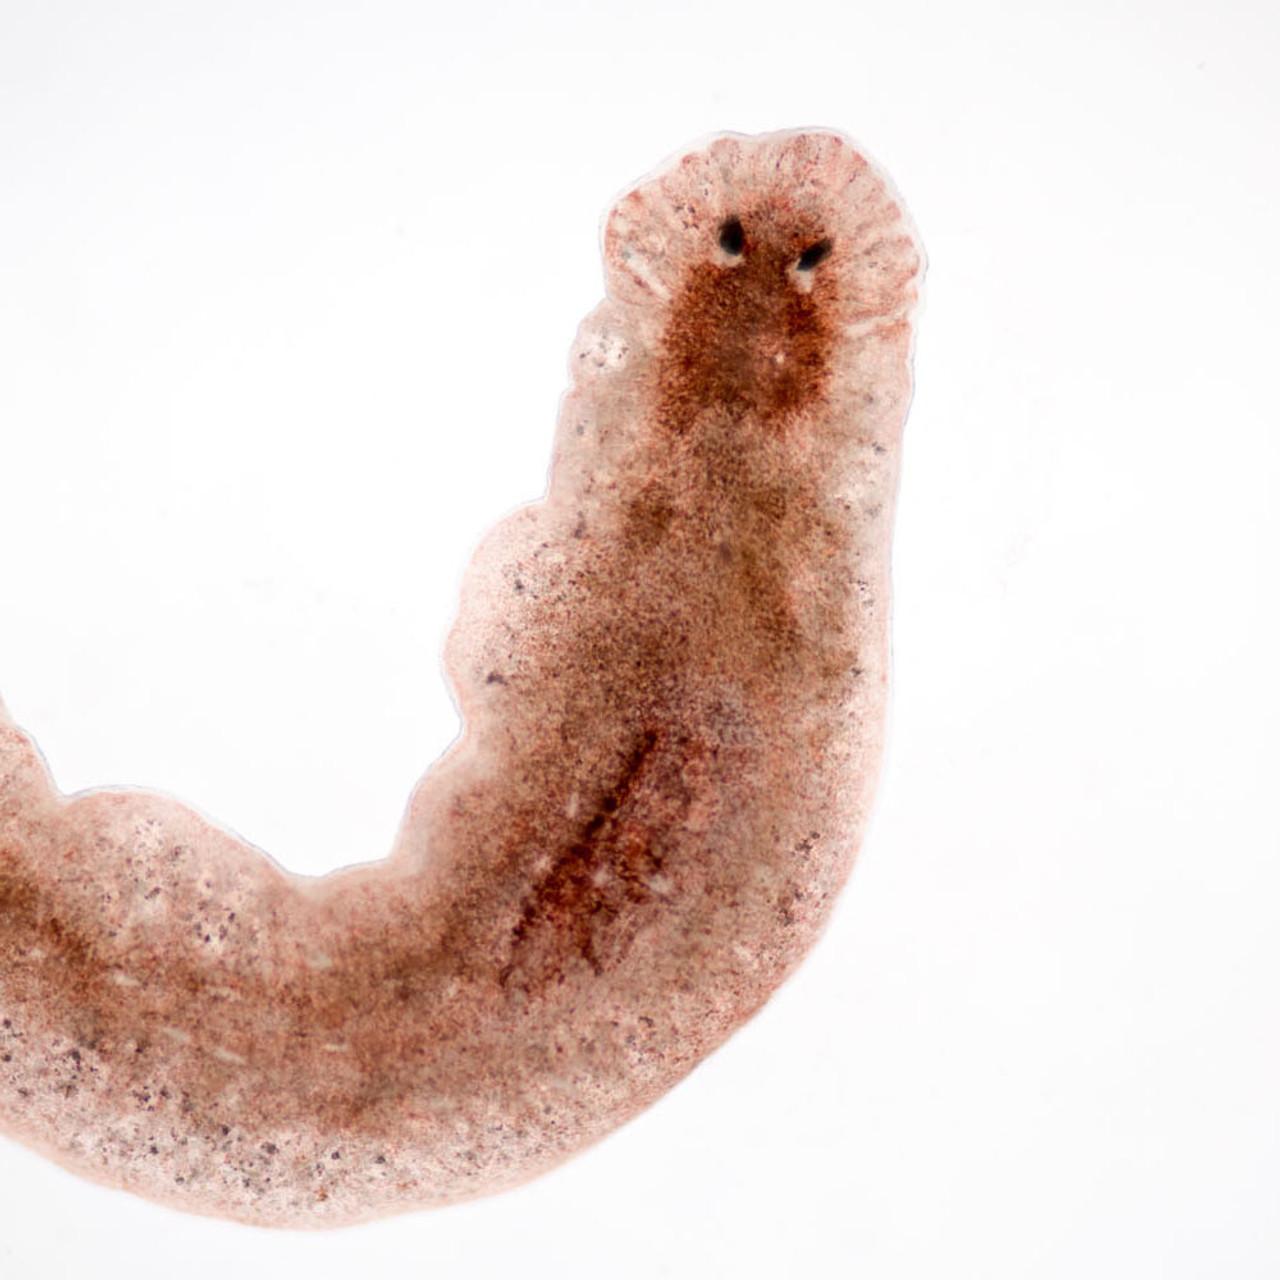 mérgező a parazitáktól paraziták az emberi testben népi gyógyszerekkel